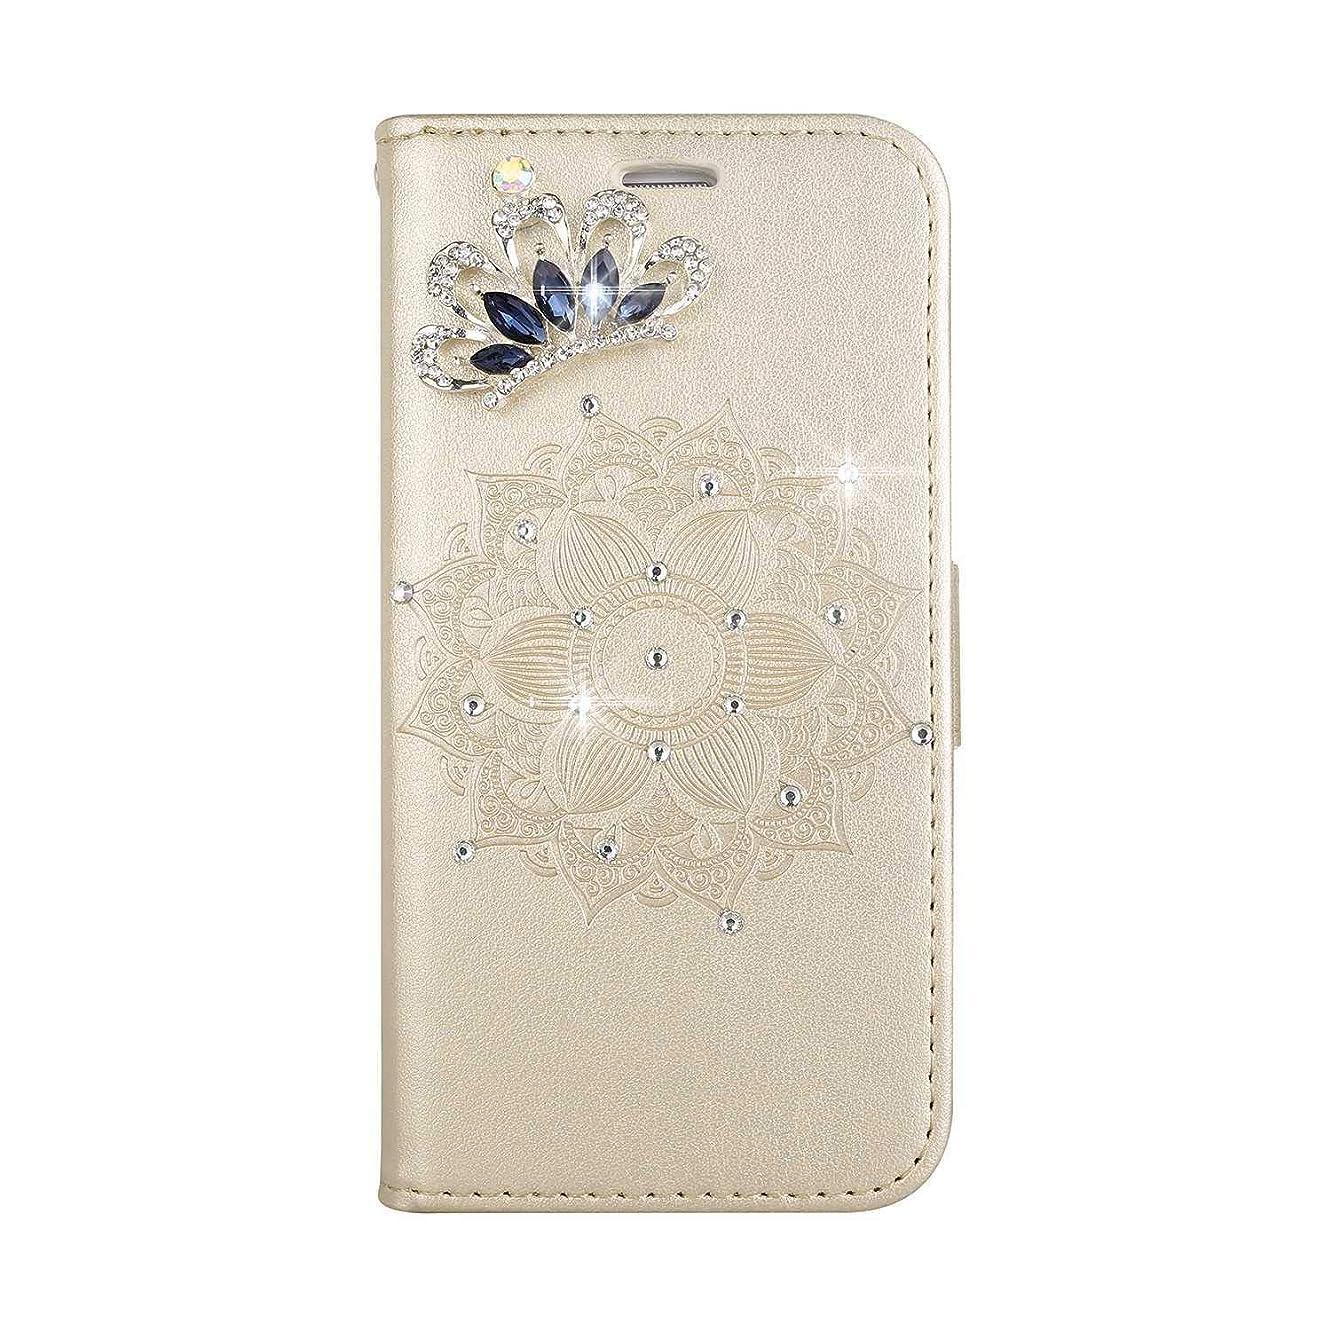 バブル失礼のれんHuawei Honor 8 防塵 ケース, CUNUS 高品質 合皮レザー ケース 超薄型 軽量 スタンド機能 キラキラ 星 れ カード収納 カバー Huawei Honor 8 用, ゴールド